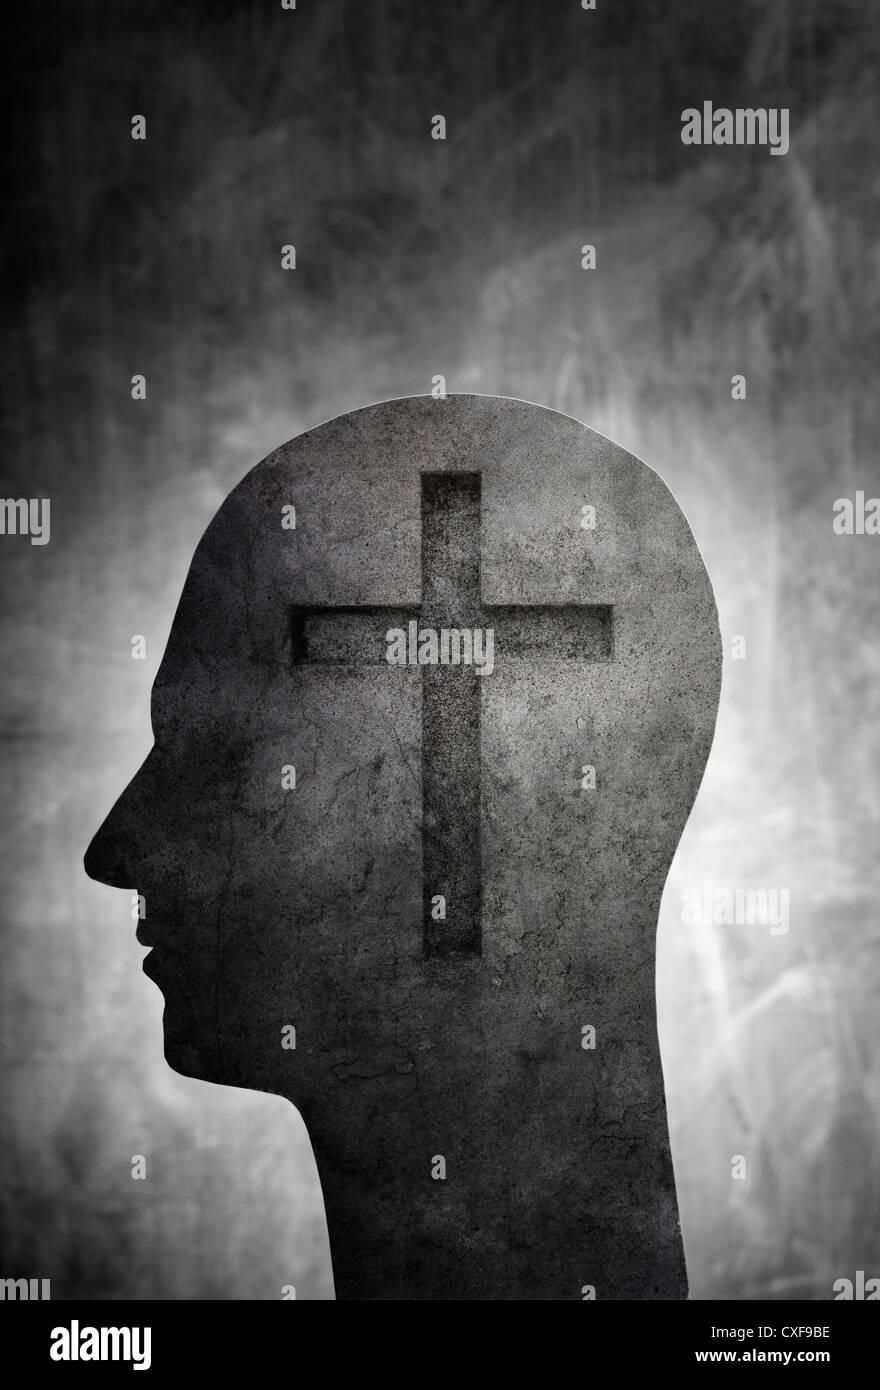 Image conceptuelle d'une tête avec une croix chrétienne symbole. Photo Stock